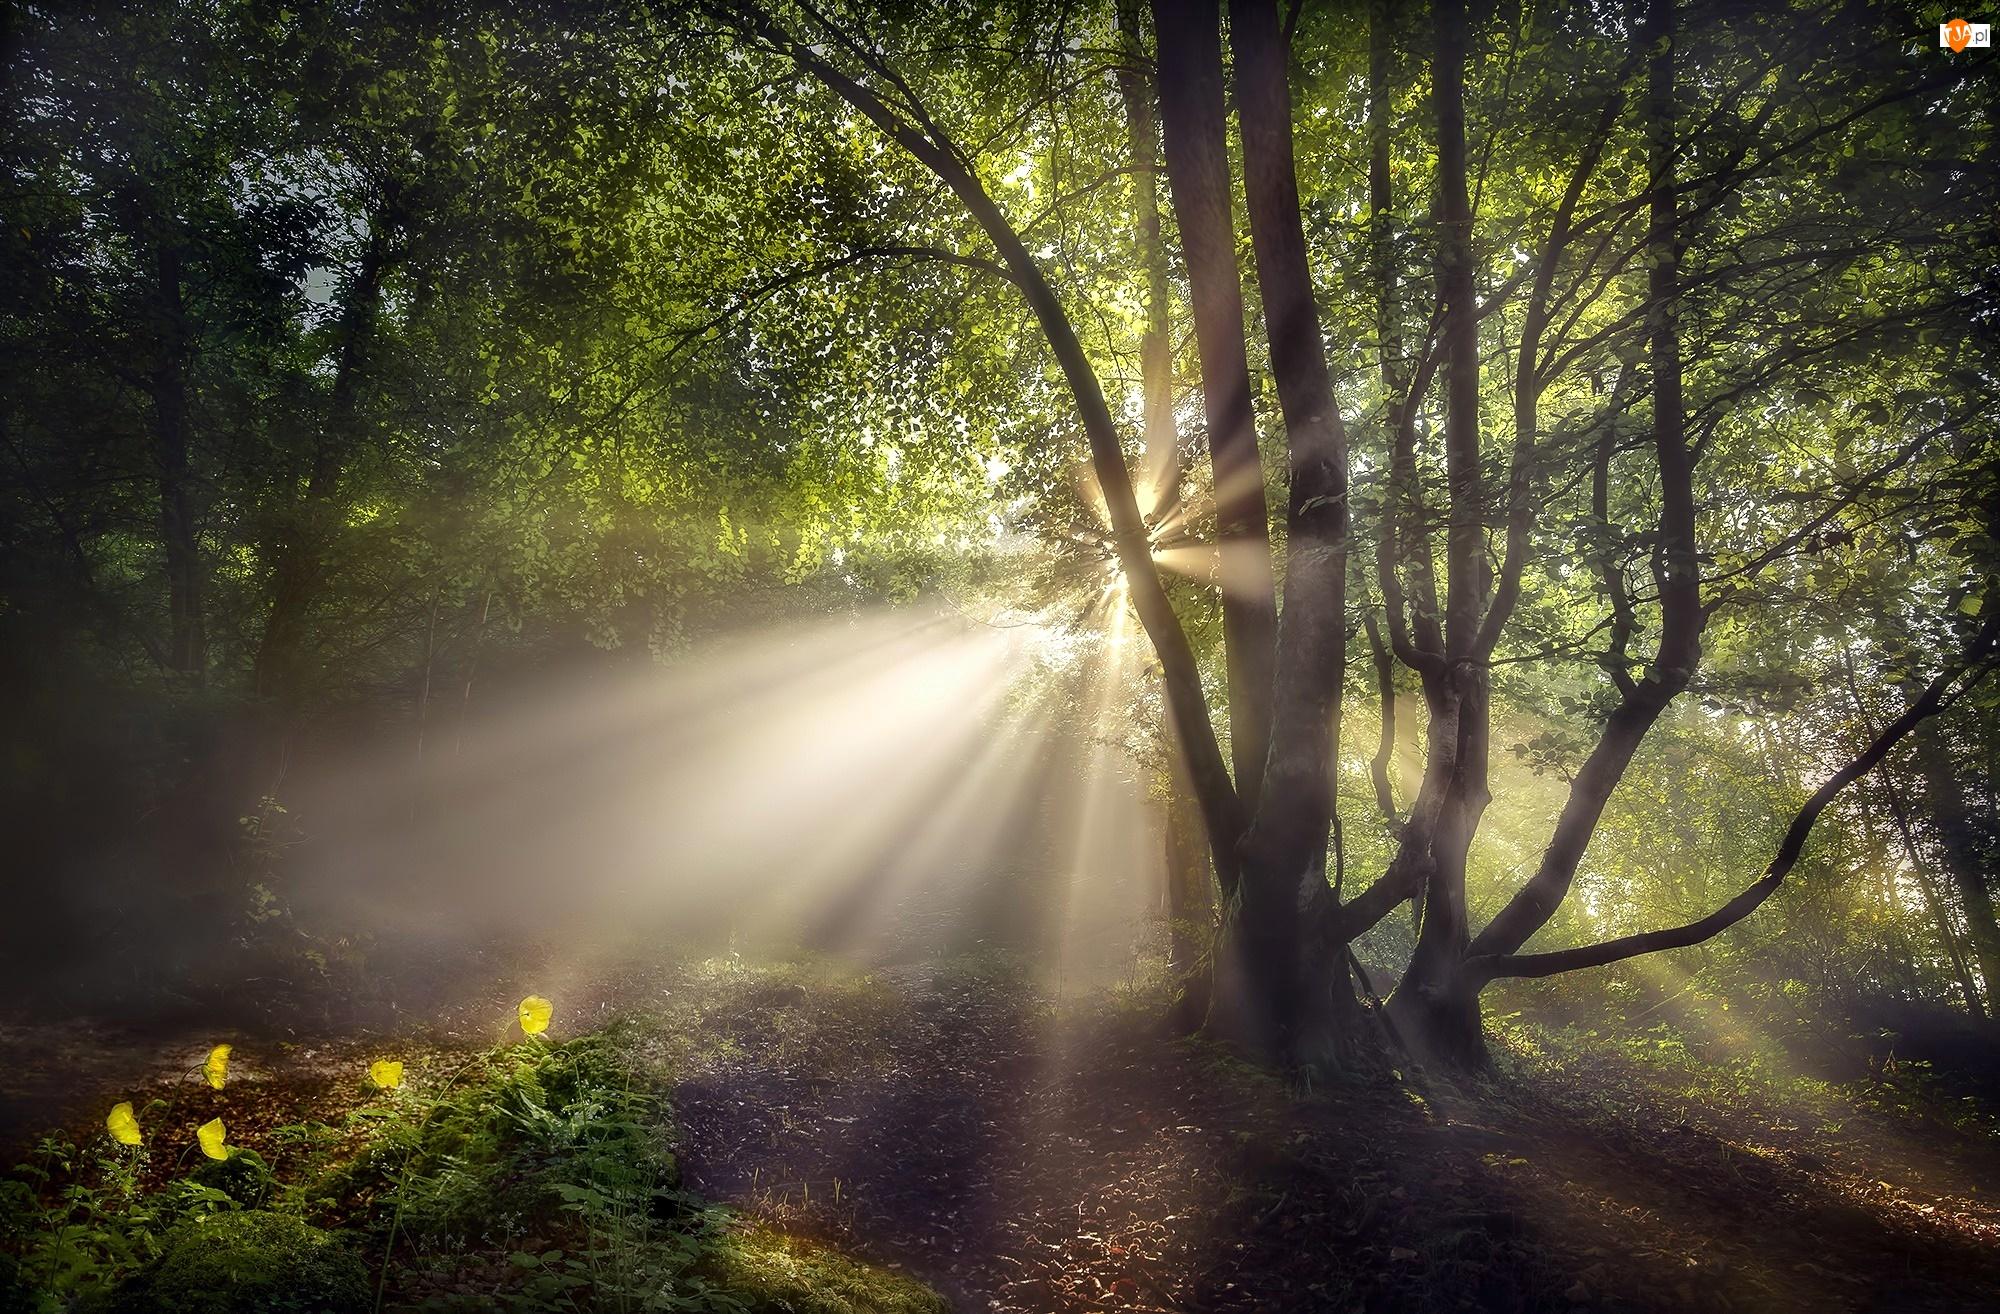 Las, Poranek, Drzewa, Promienie słońca, Kwiaty